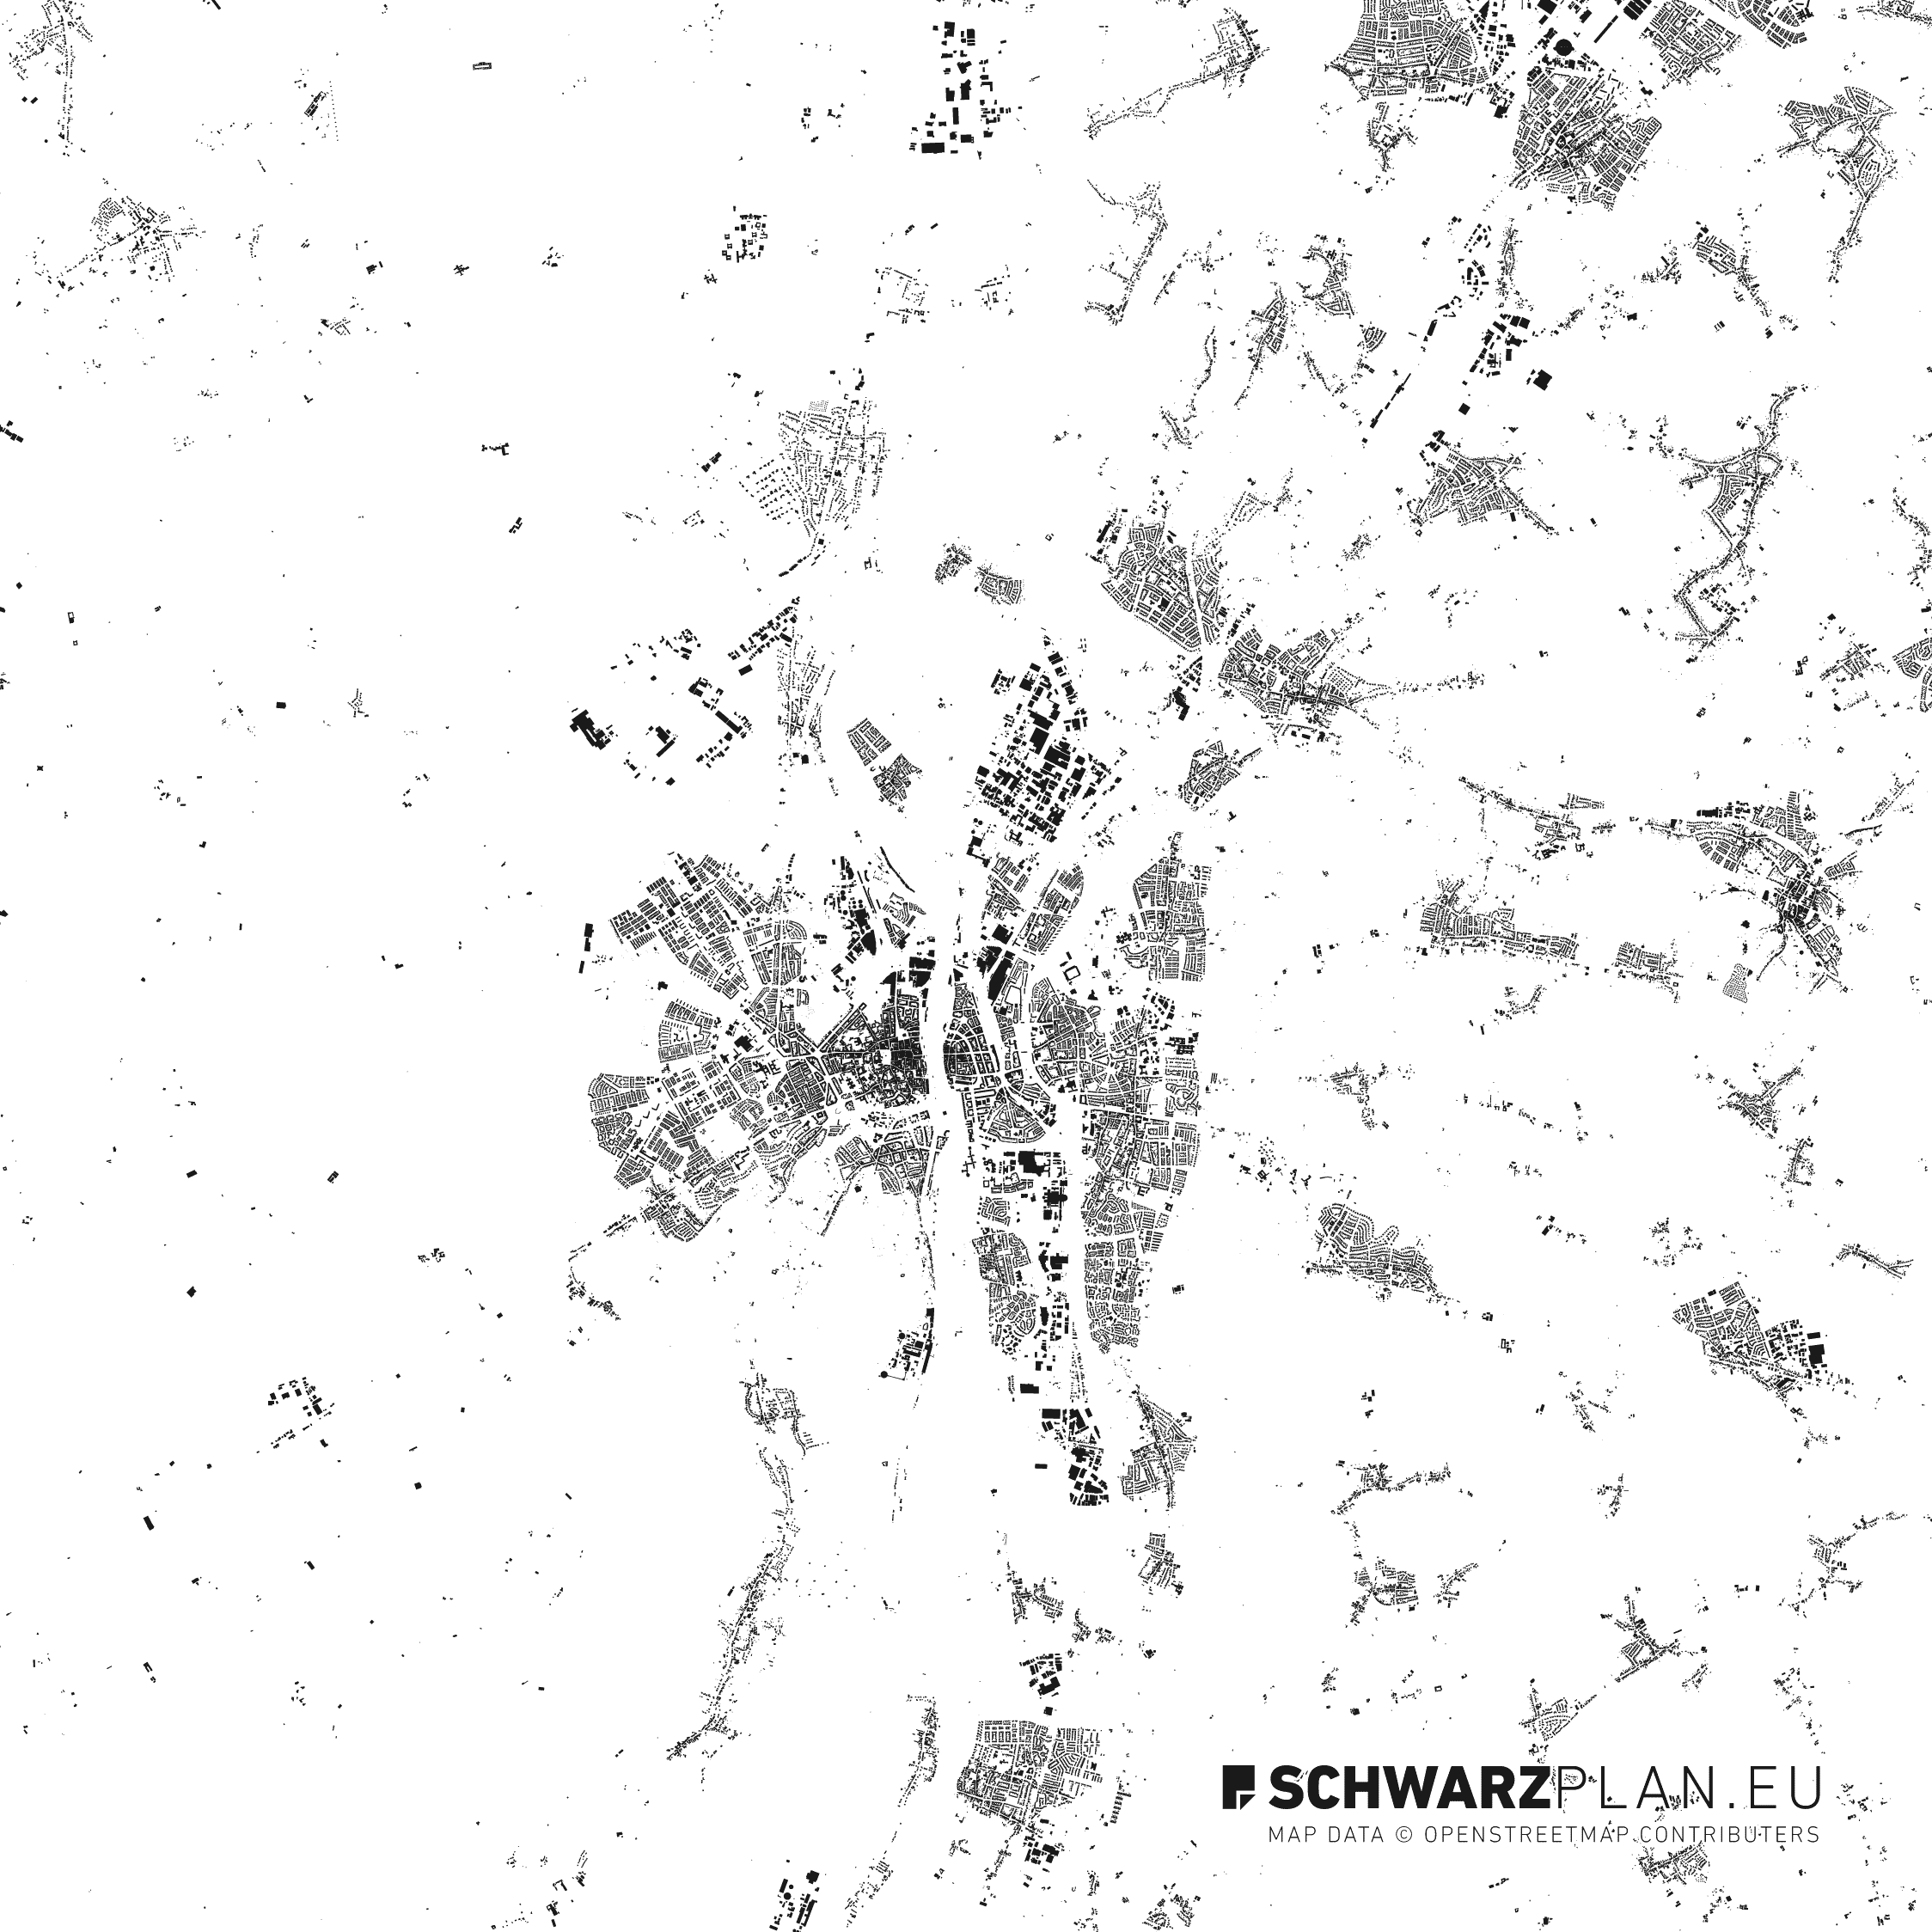 Figure ground plan of Maastricht